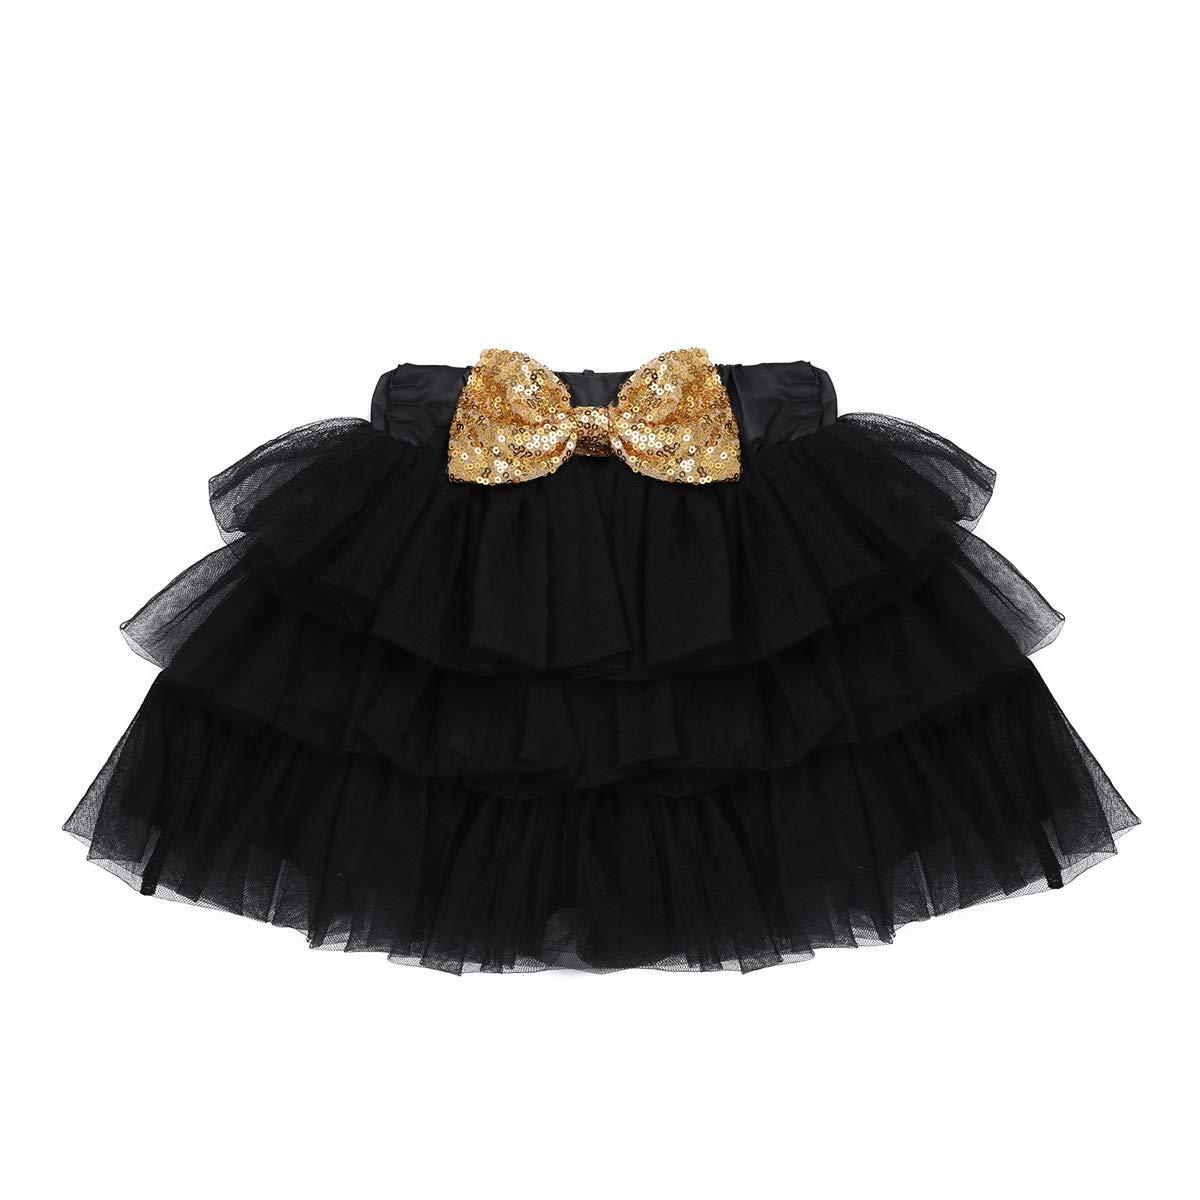 CHICTRY Bébé Romper avec Jupe plissé déguisement Licorne Cosplay Ladybug  Combinaison Licorne Enfant pour Halloween  Amazon.fr  Vêtements et  accessoires 9d10789387c